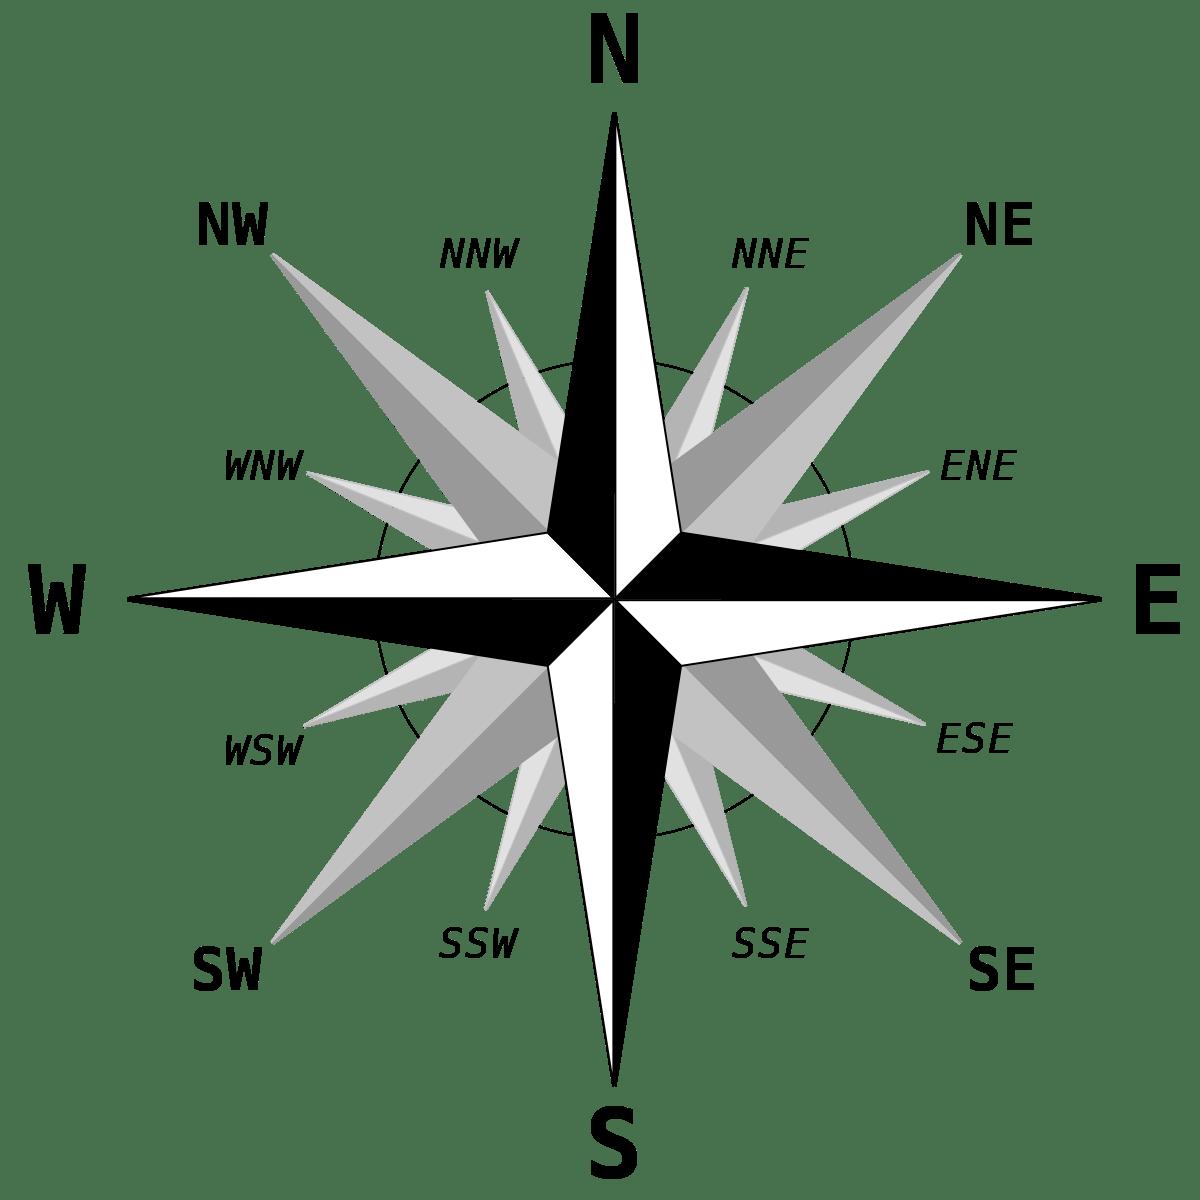 Как без компаса определить, где север, юг, запад и восток: практические советы